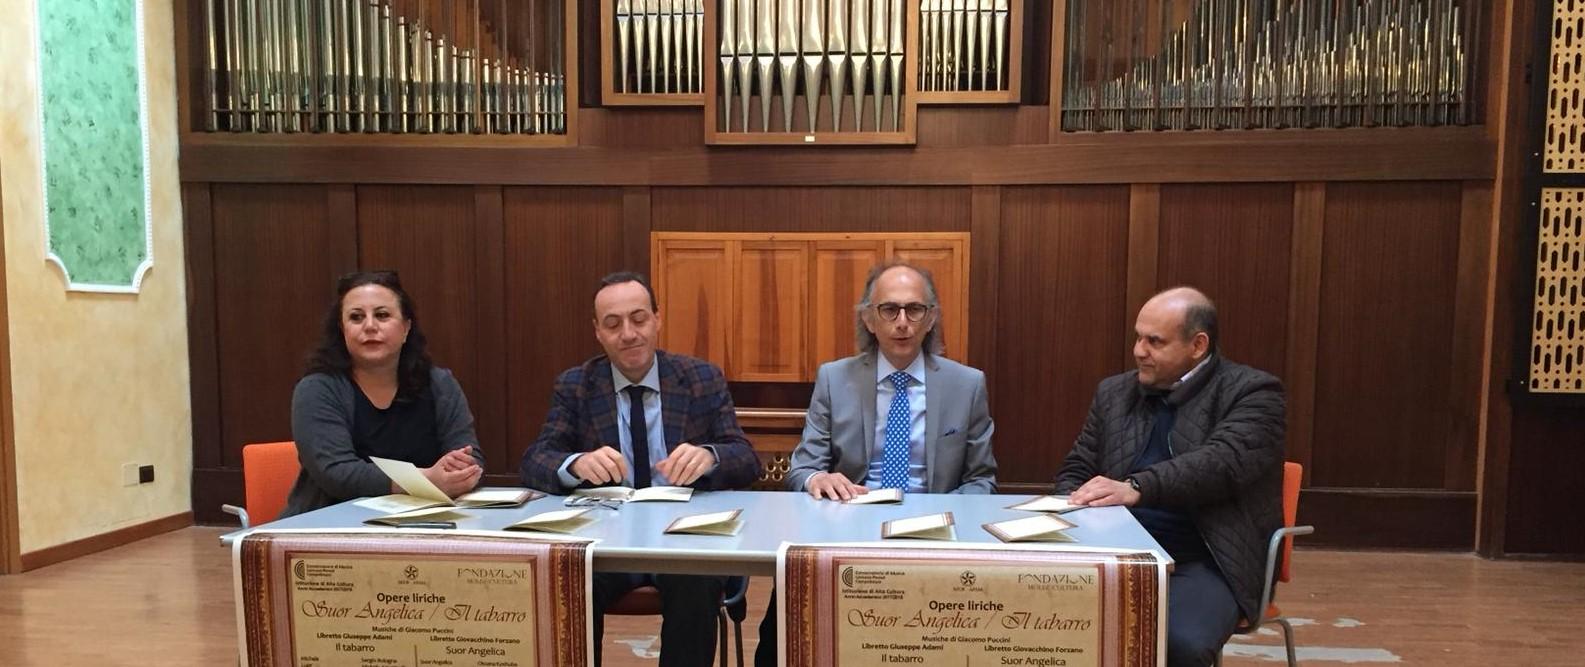 EVENTI – Il Conservatorio Perosi in scena al Teatro Savoia